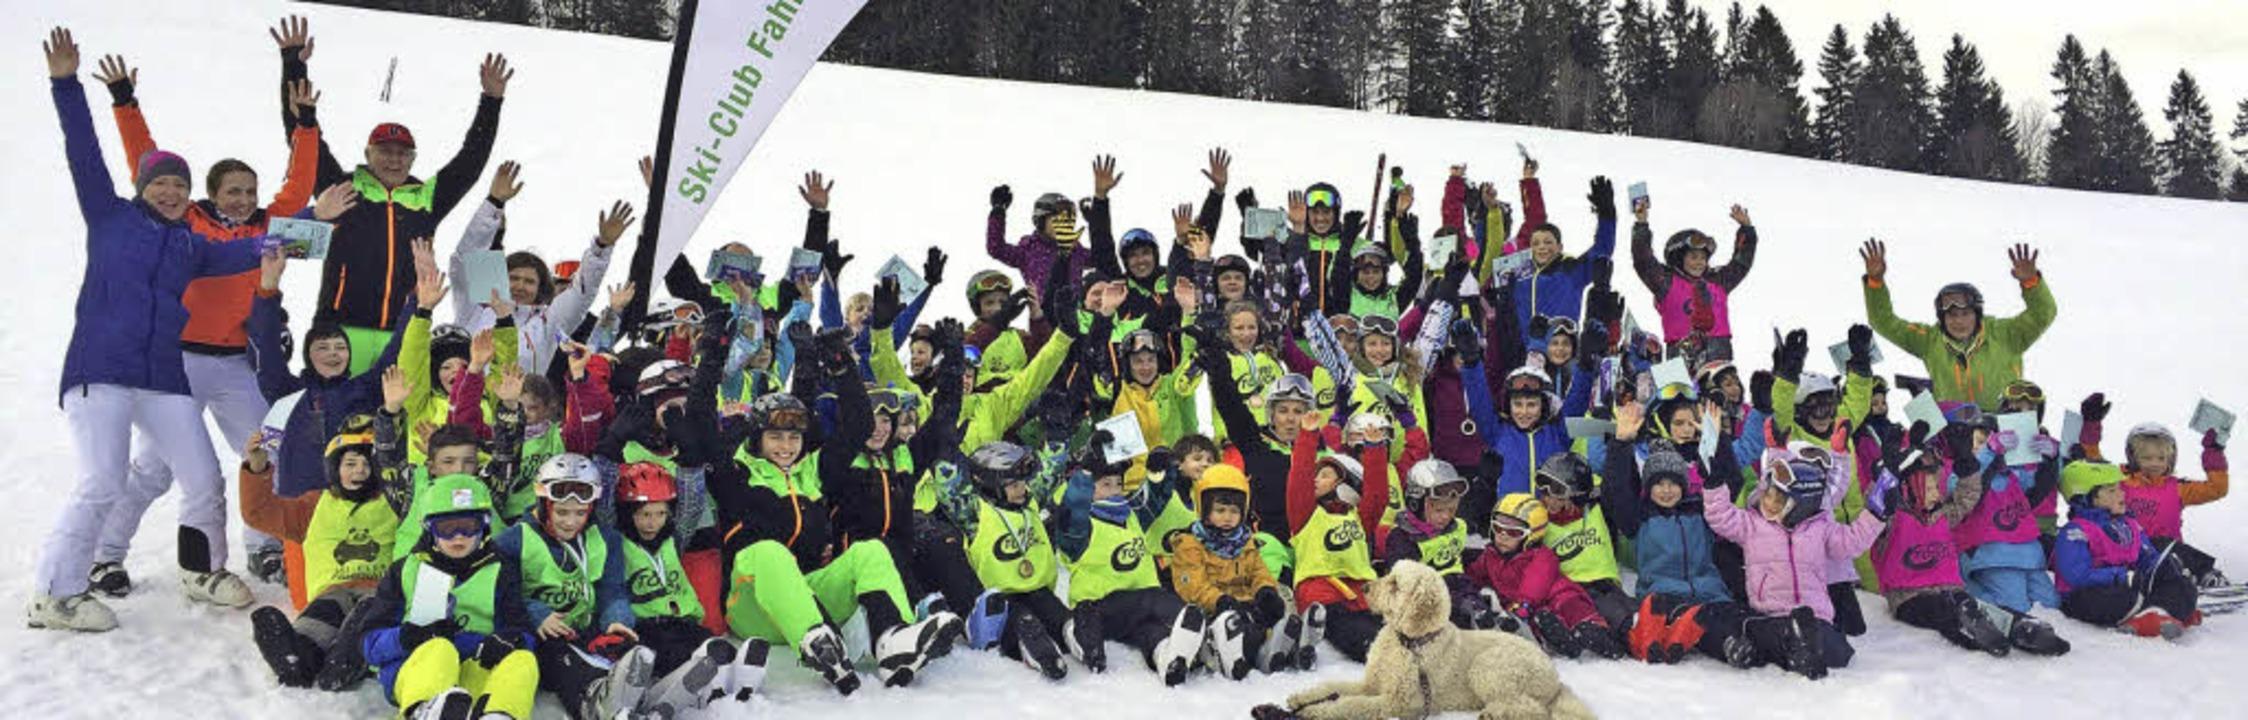 <BZ-FotoAnlauf>Ski-Club Fahrnau:</BZ-F...ß hatten die Teilnehmer der Skikurse.     Foto: privat